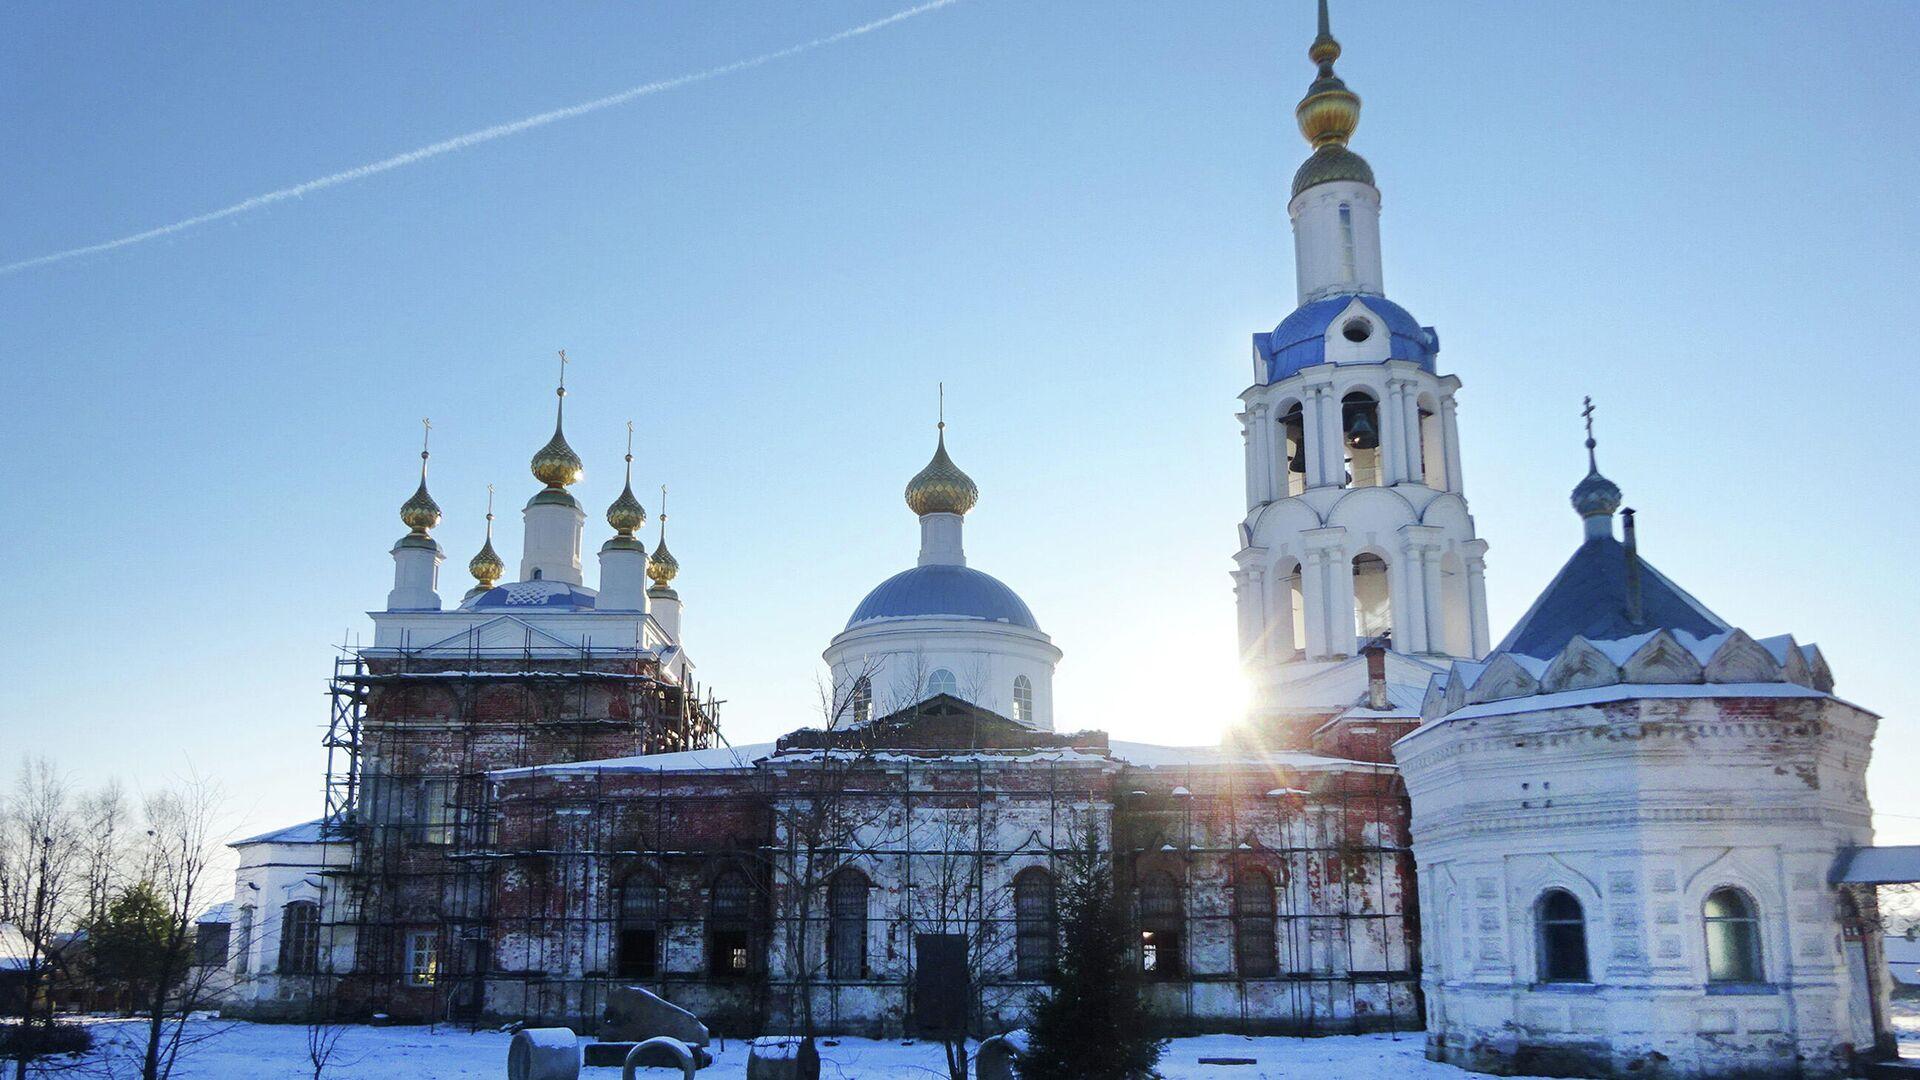 Казанская церковь - РИА Новости, 1920, 19.01.2021